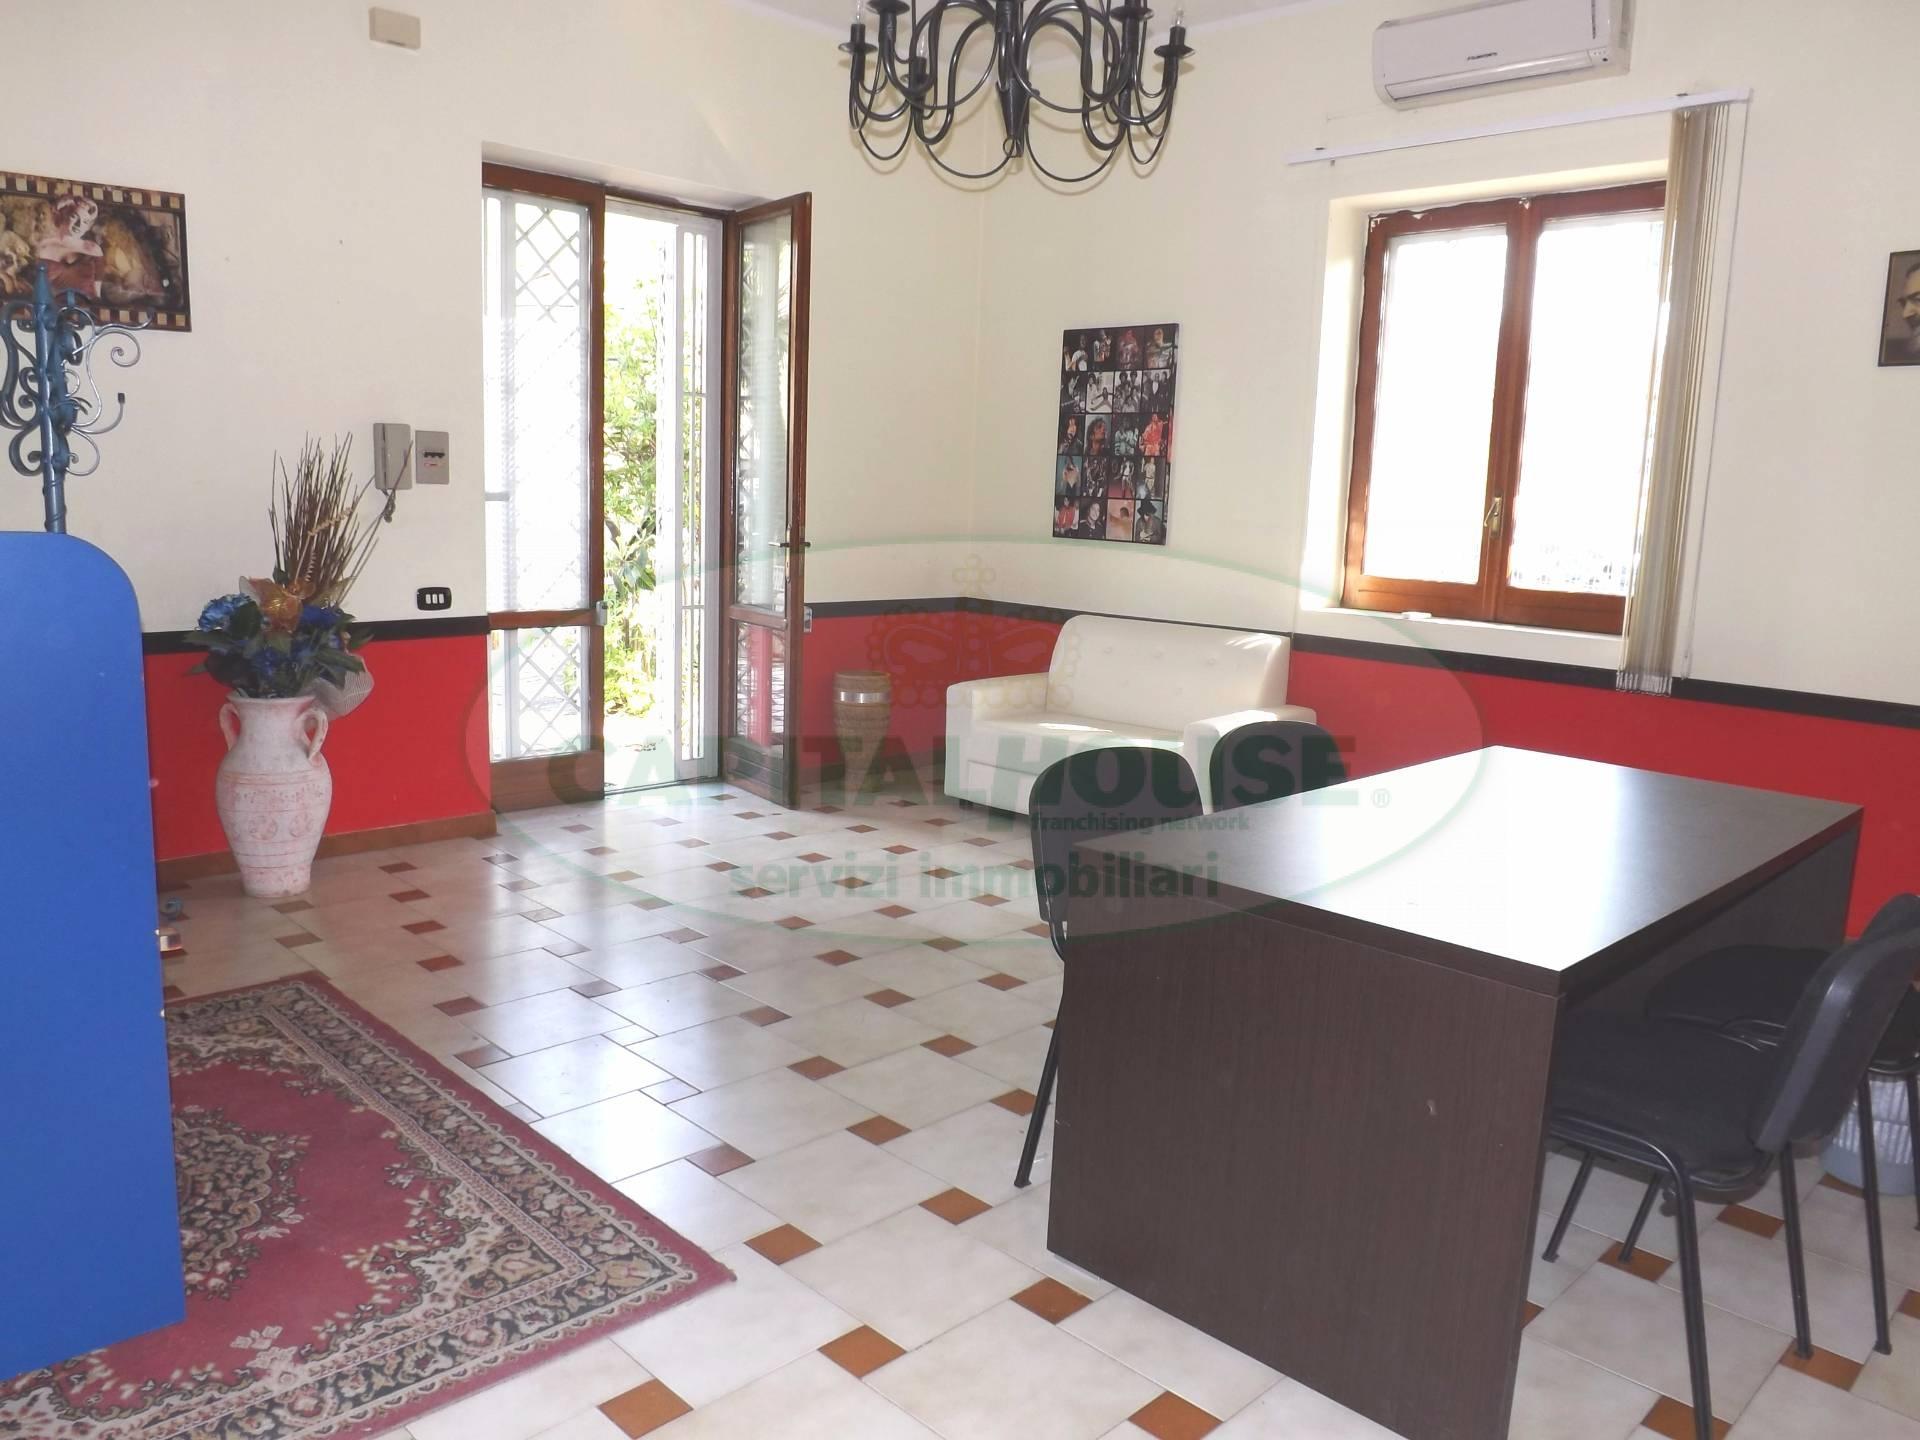 Ufficio / Studio in affitto a Atripalda, 9999 locali, prezzo € 430 | Cambio Casa.it